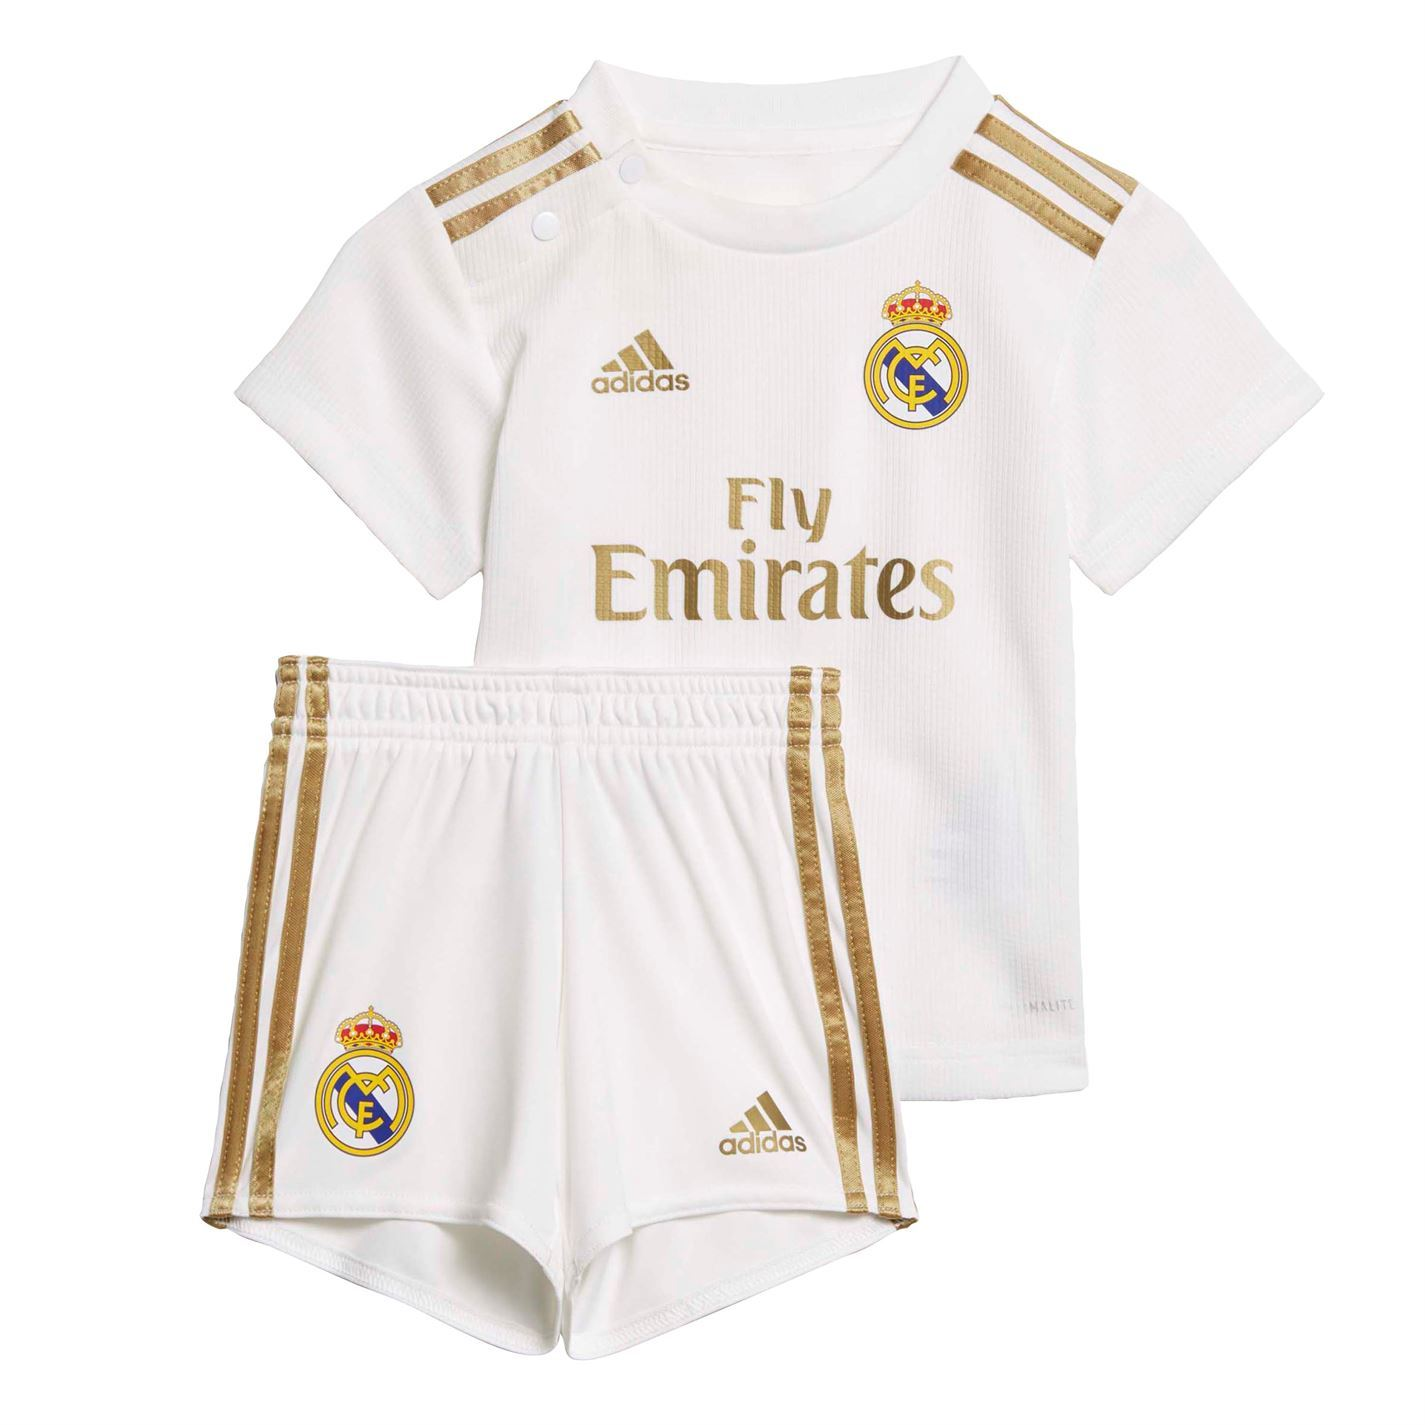 Replica di Quella del Real Madrid per Le Partite in casa Maglia da Donna adidas